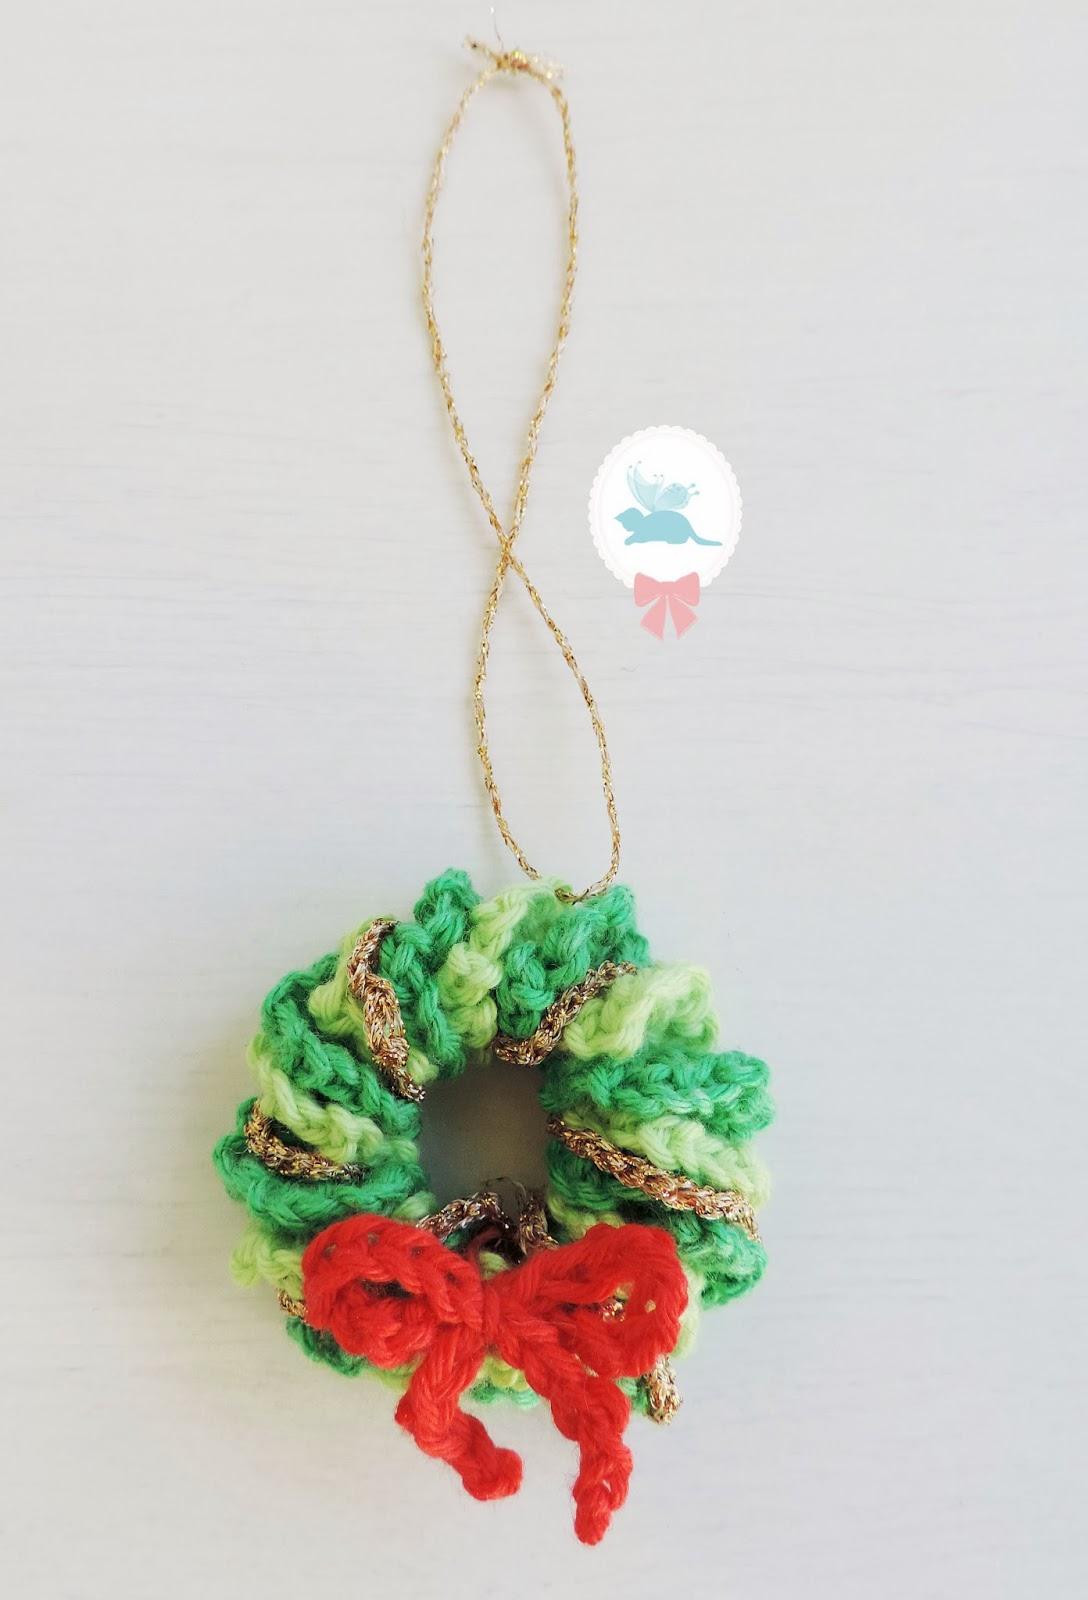 Rose coton mini couronnes de no l au crochet - Modele couronne de noel ...